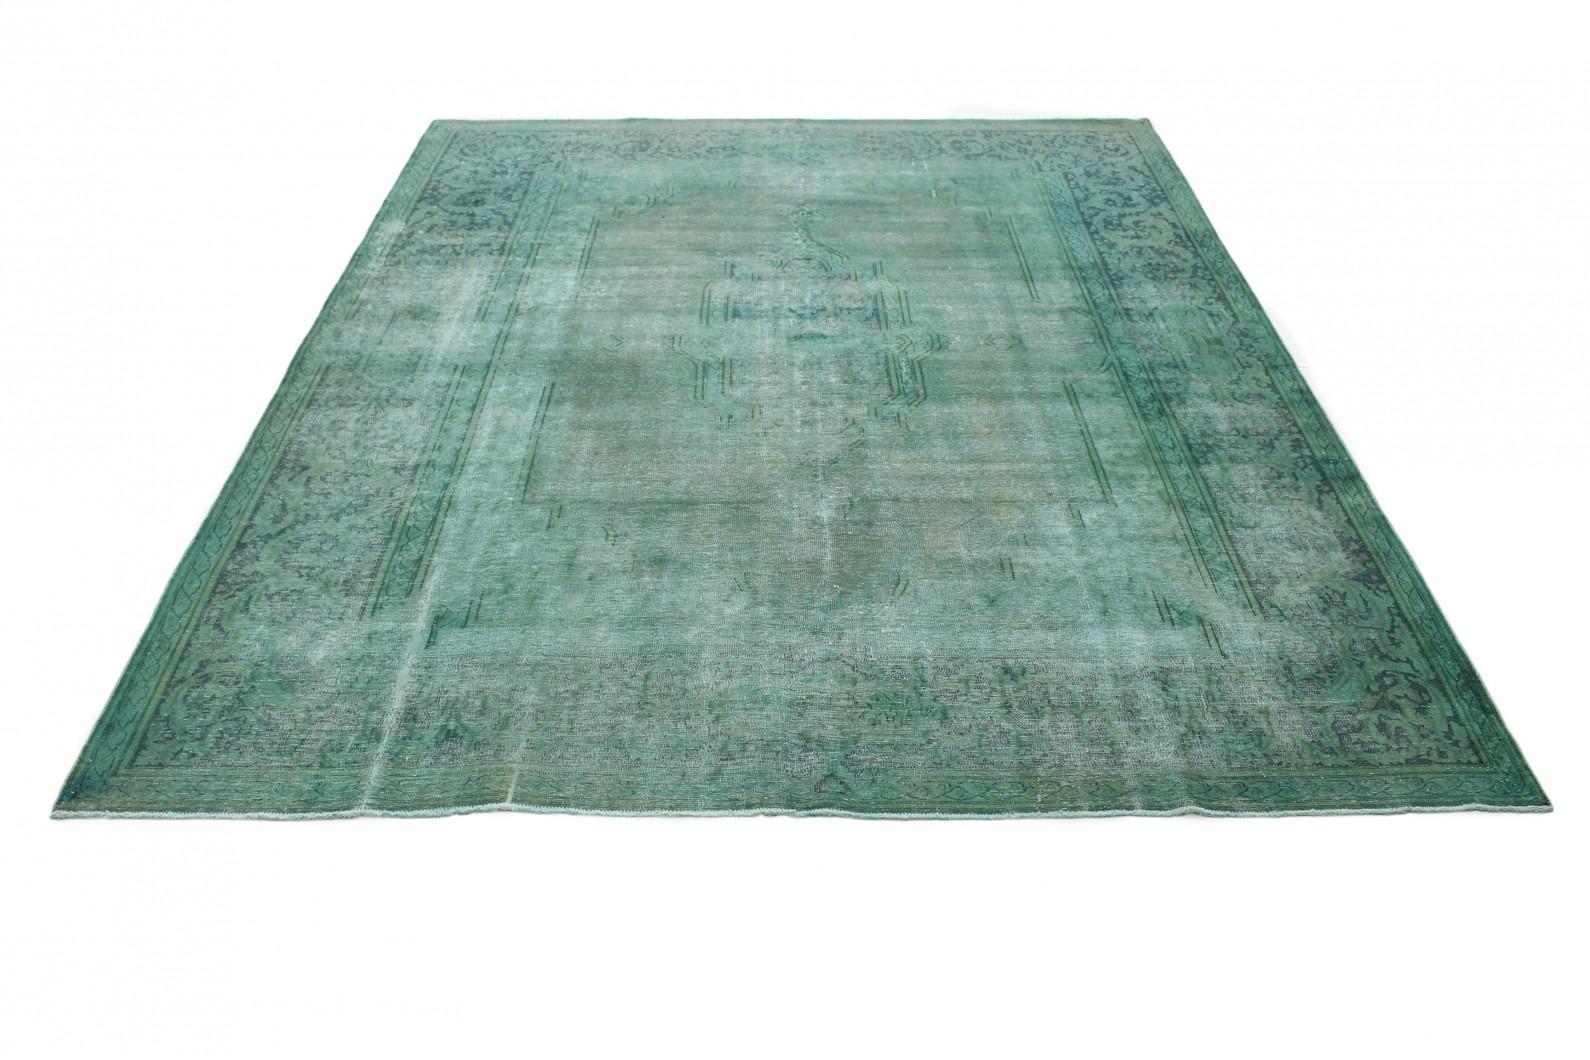 Vintage Teppich Türkis Grün in 410x310